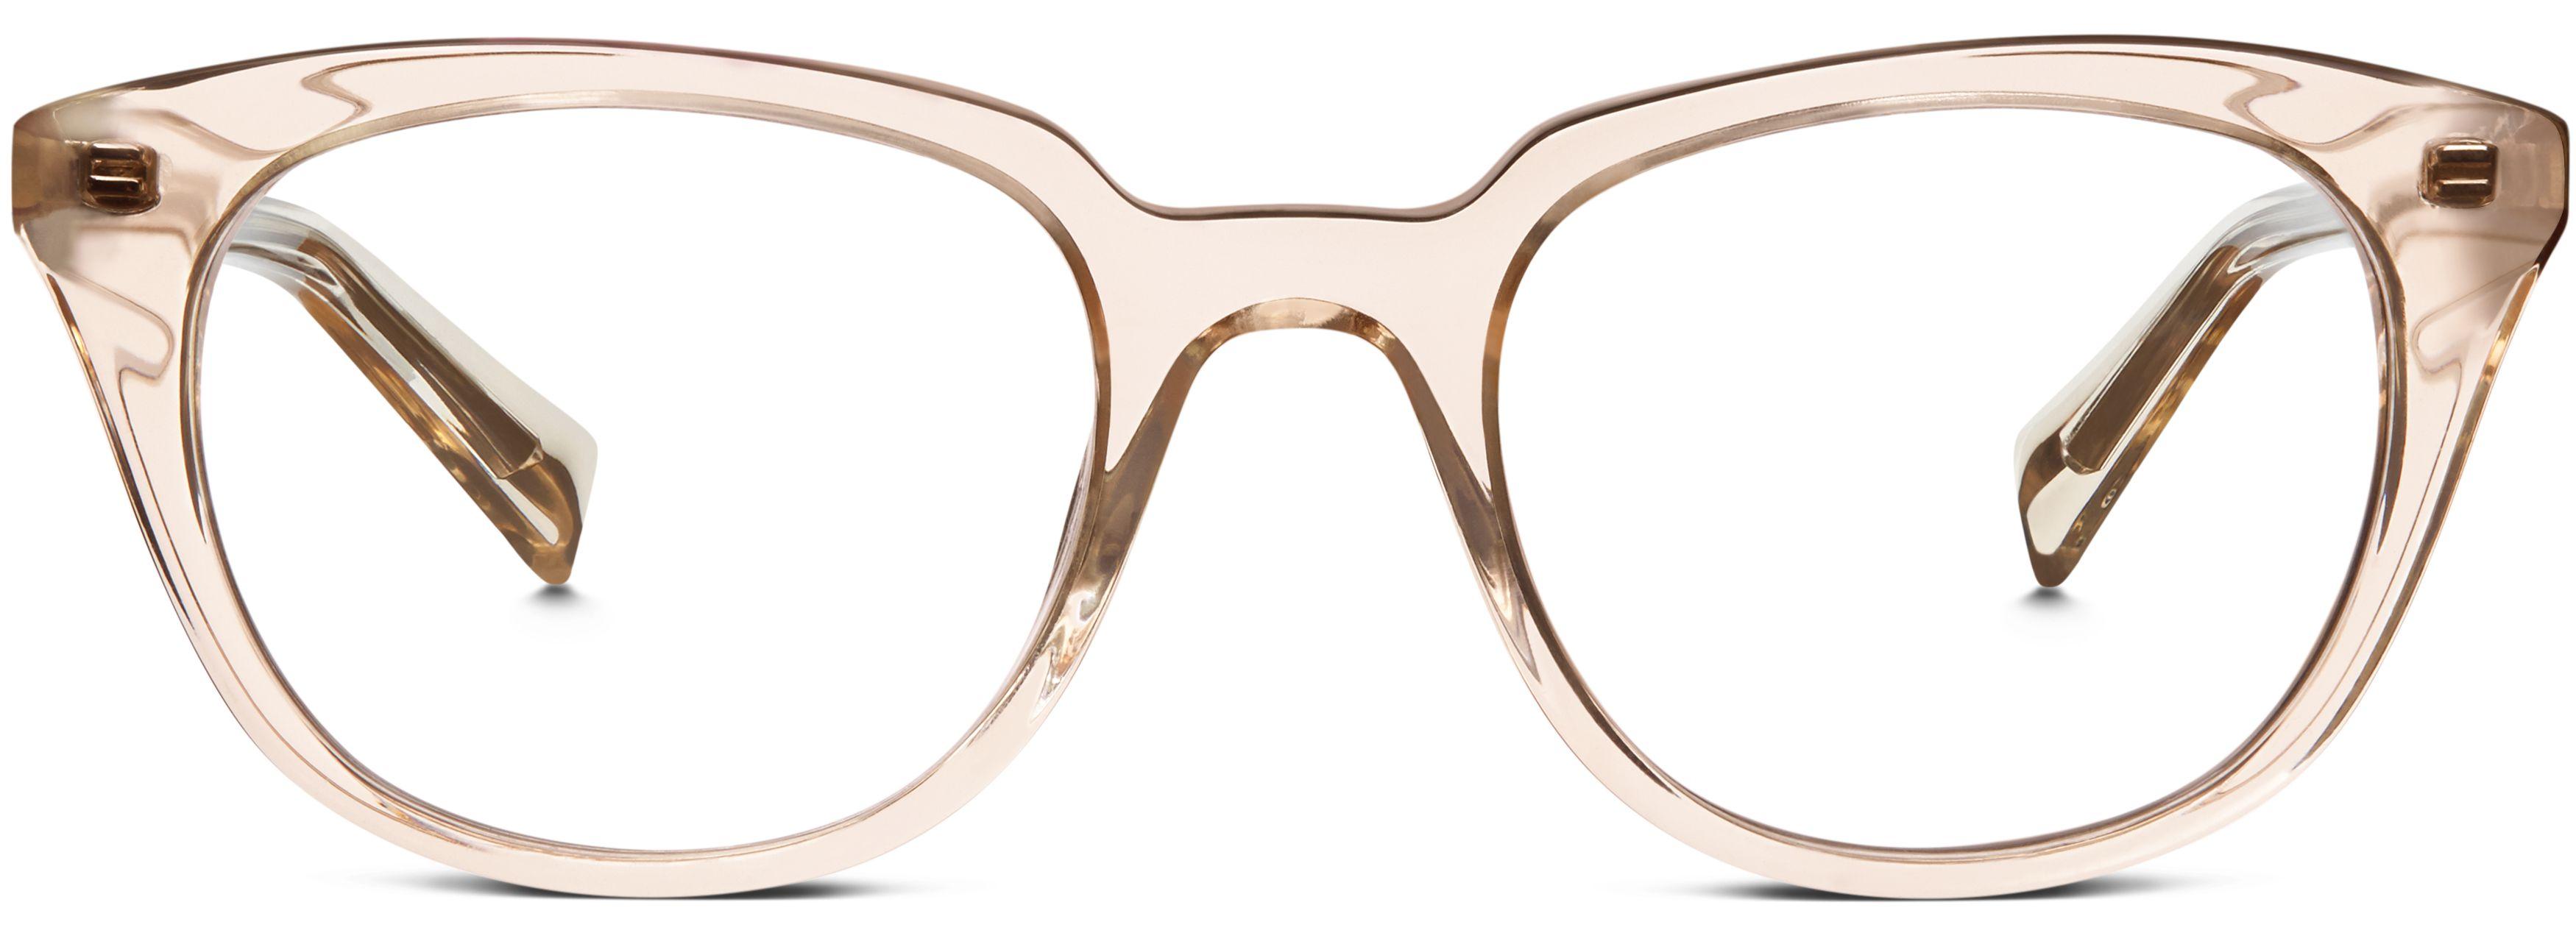 b3216b2da5 Chelsea Eyeglasses in Grapefruit Soda for Women